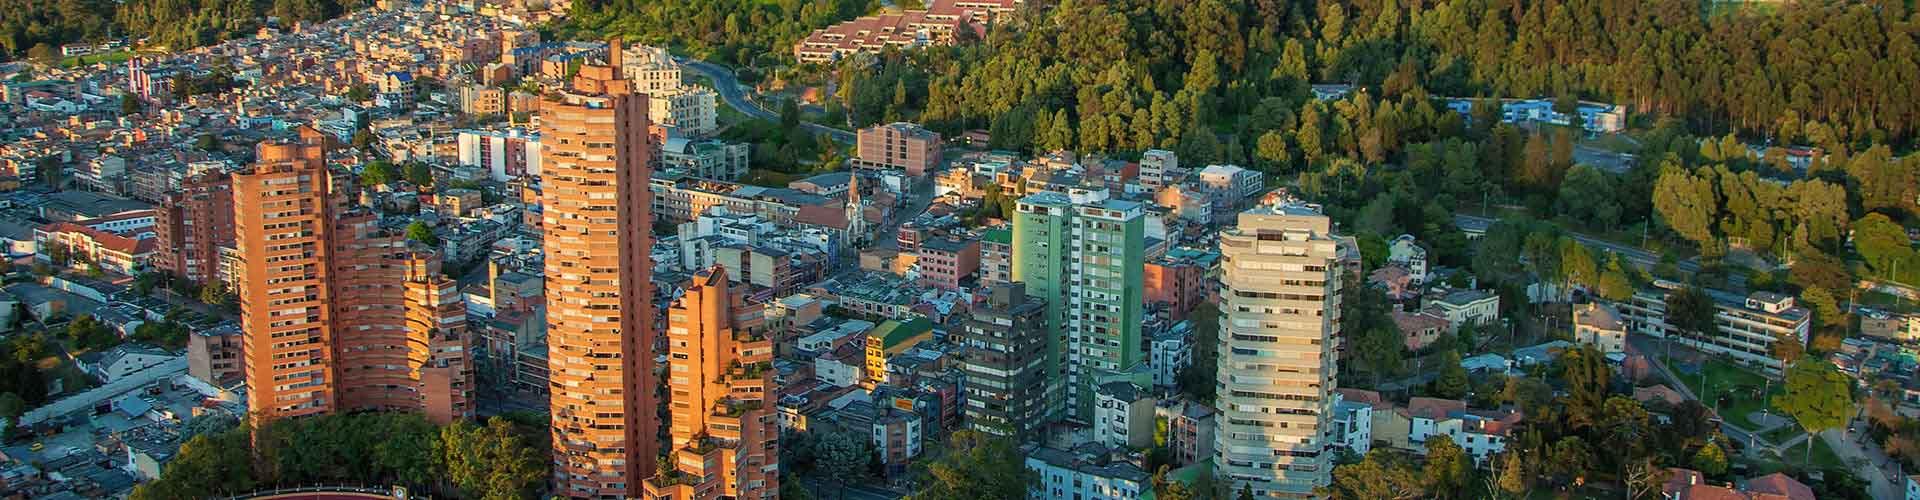 보고타 - 보고타에 있는 호스텔. 보고타의 지도, 보고타에 위치한 호스텔 사진 및 후기 정보.